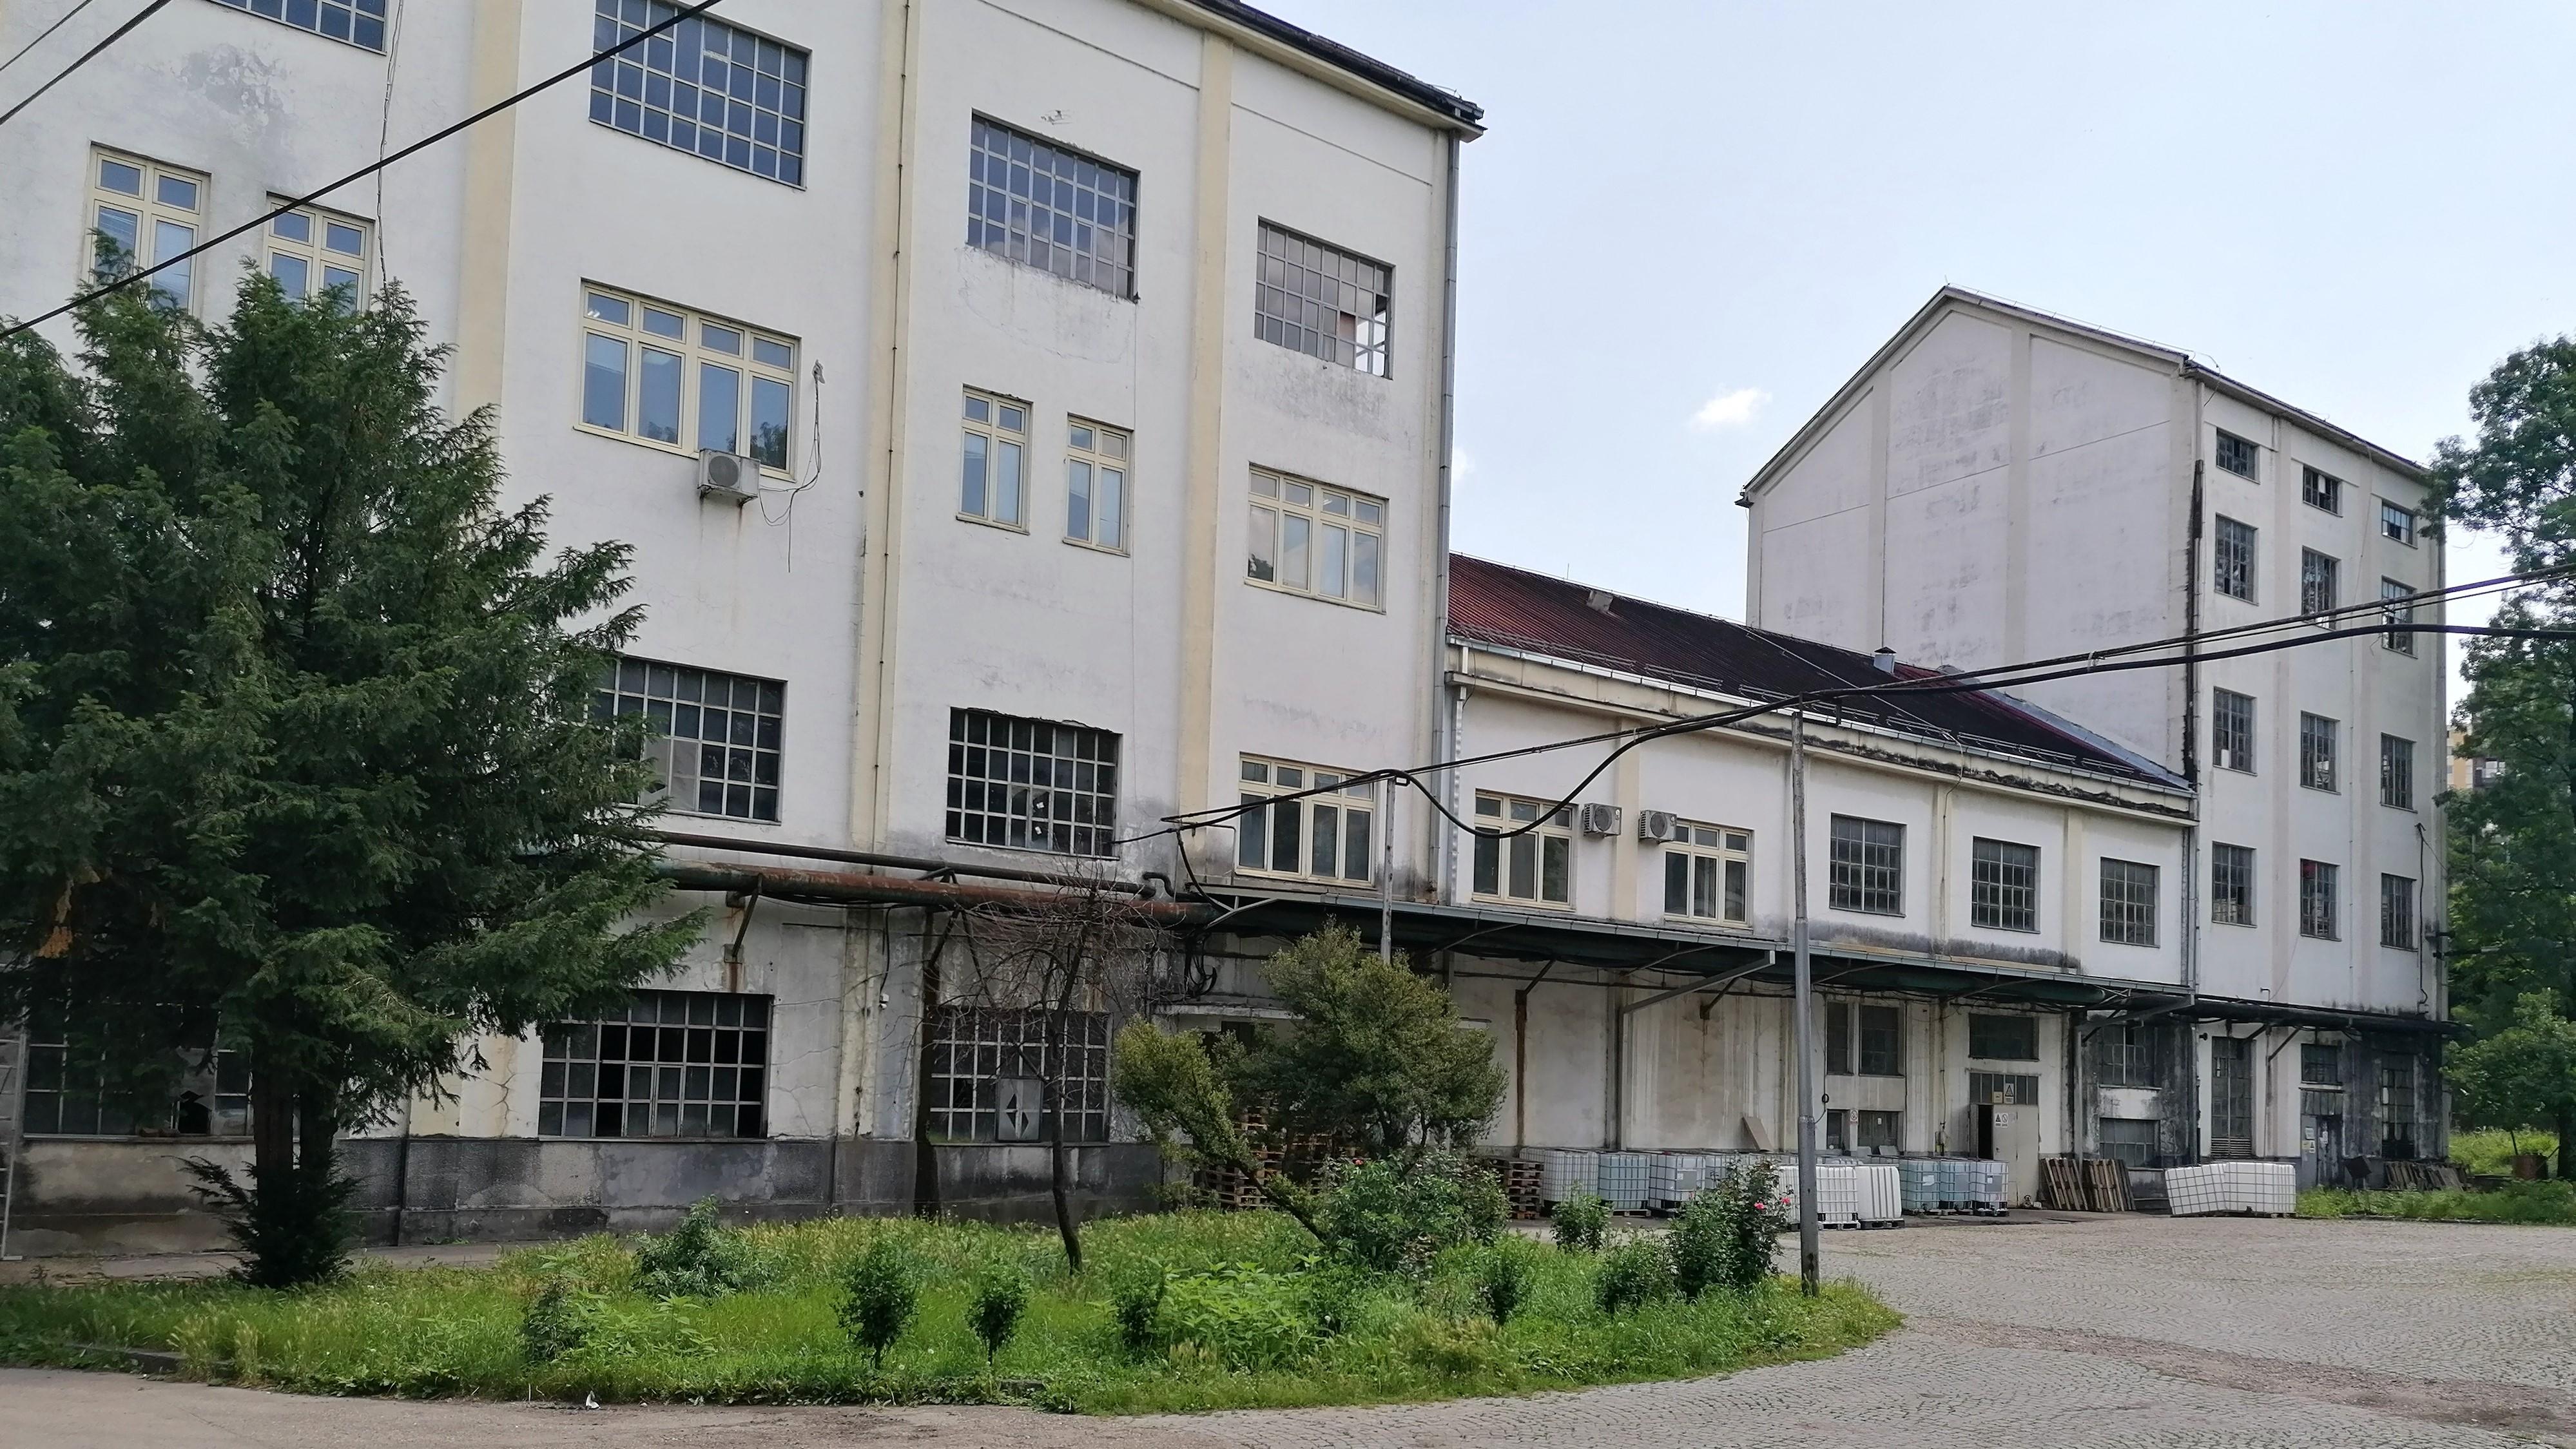 fabrika-alkohola-spolja-pan-alko-sistem-bivsa-ada-vrenje